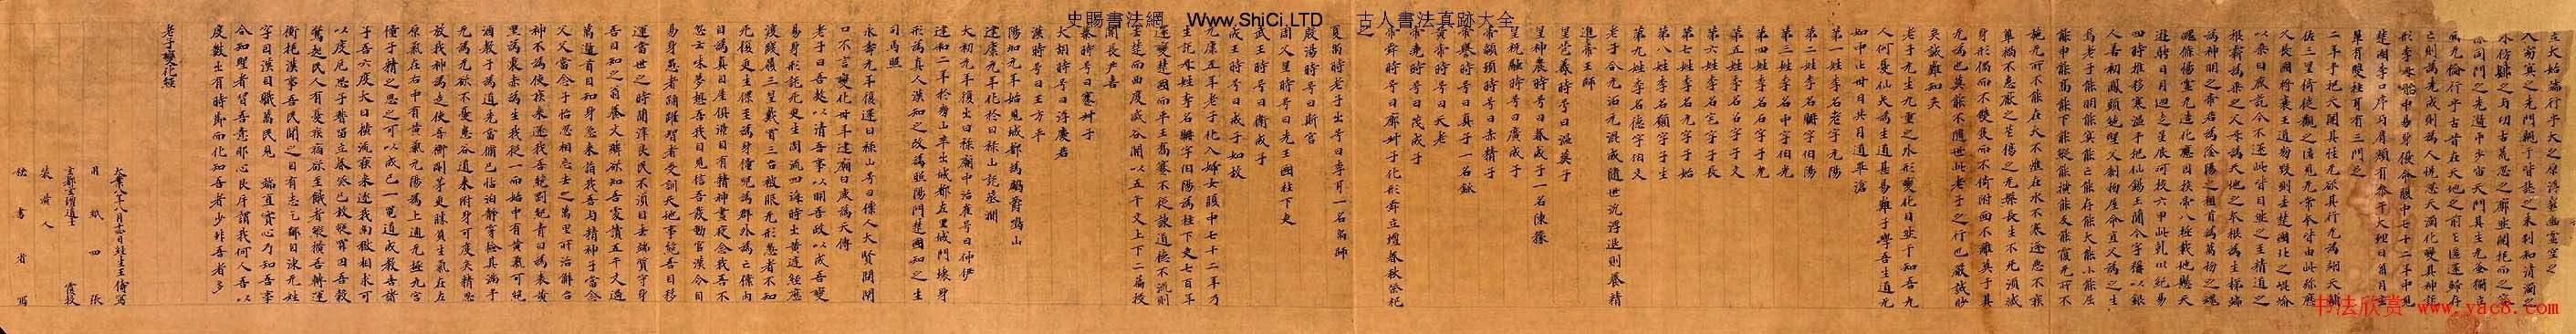 敦煌寫經楷書《老子變化經》(共10張圖片)